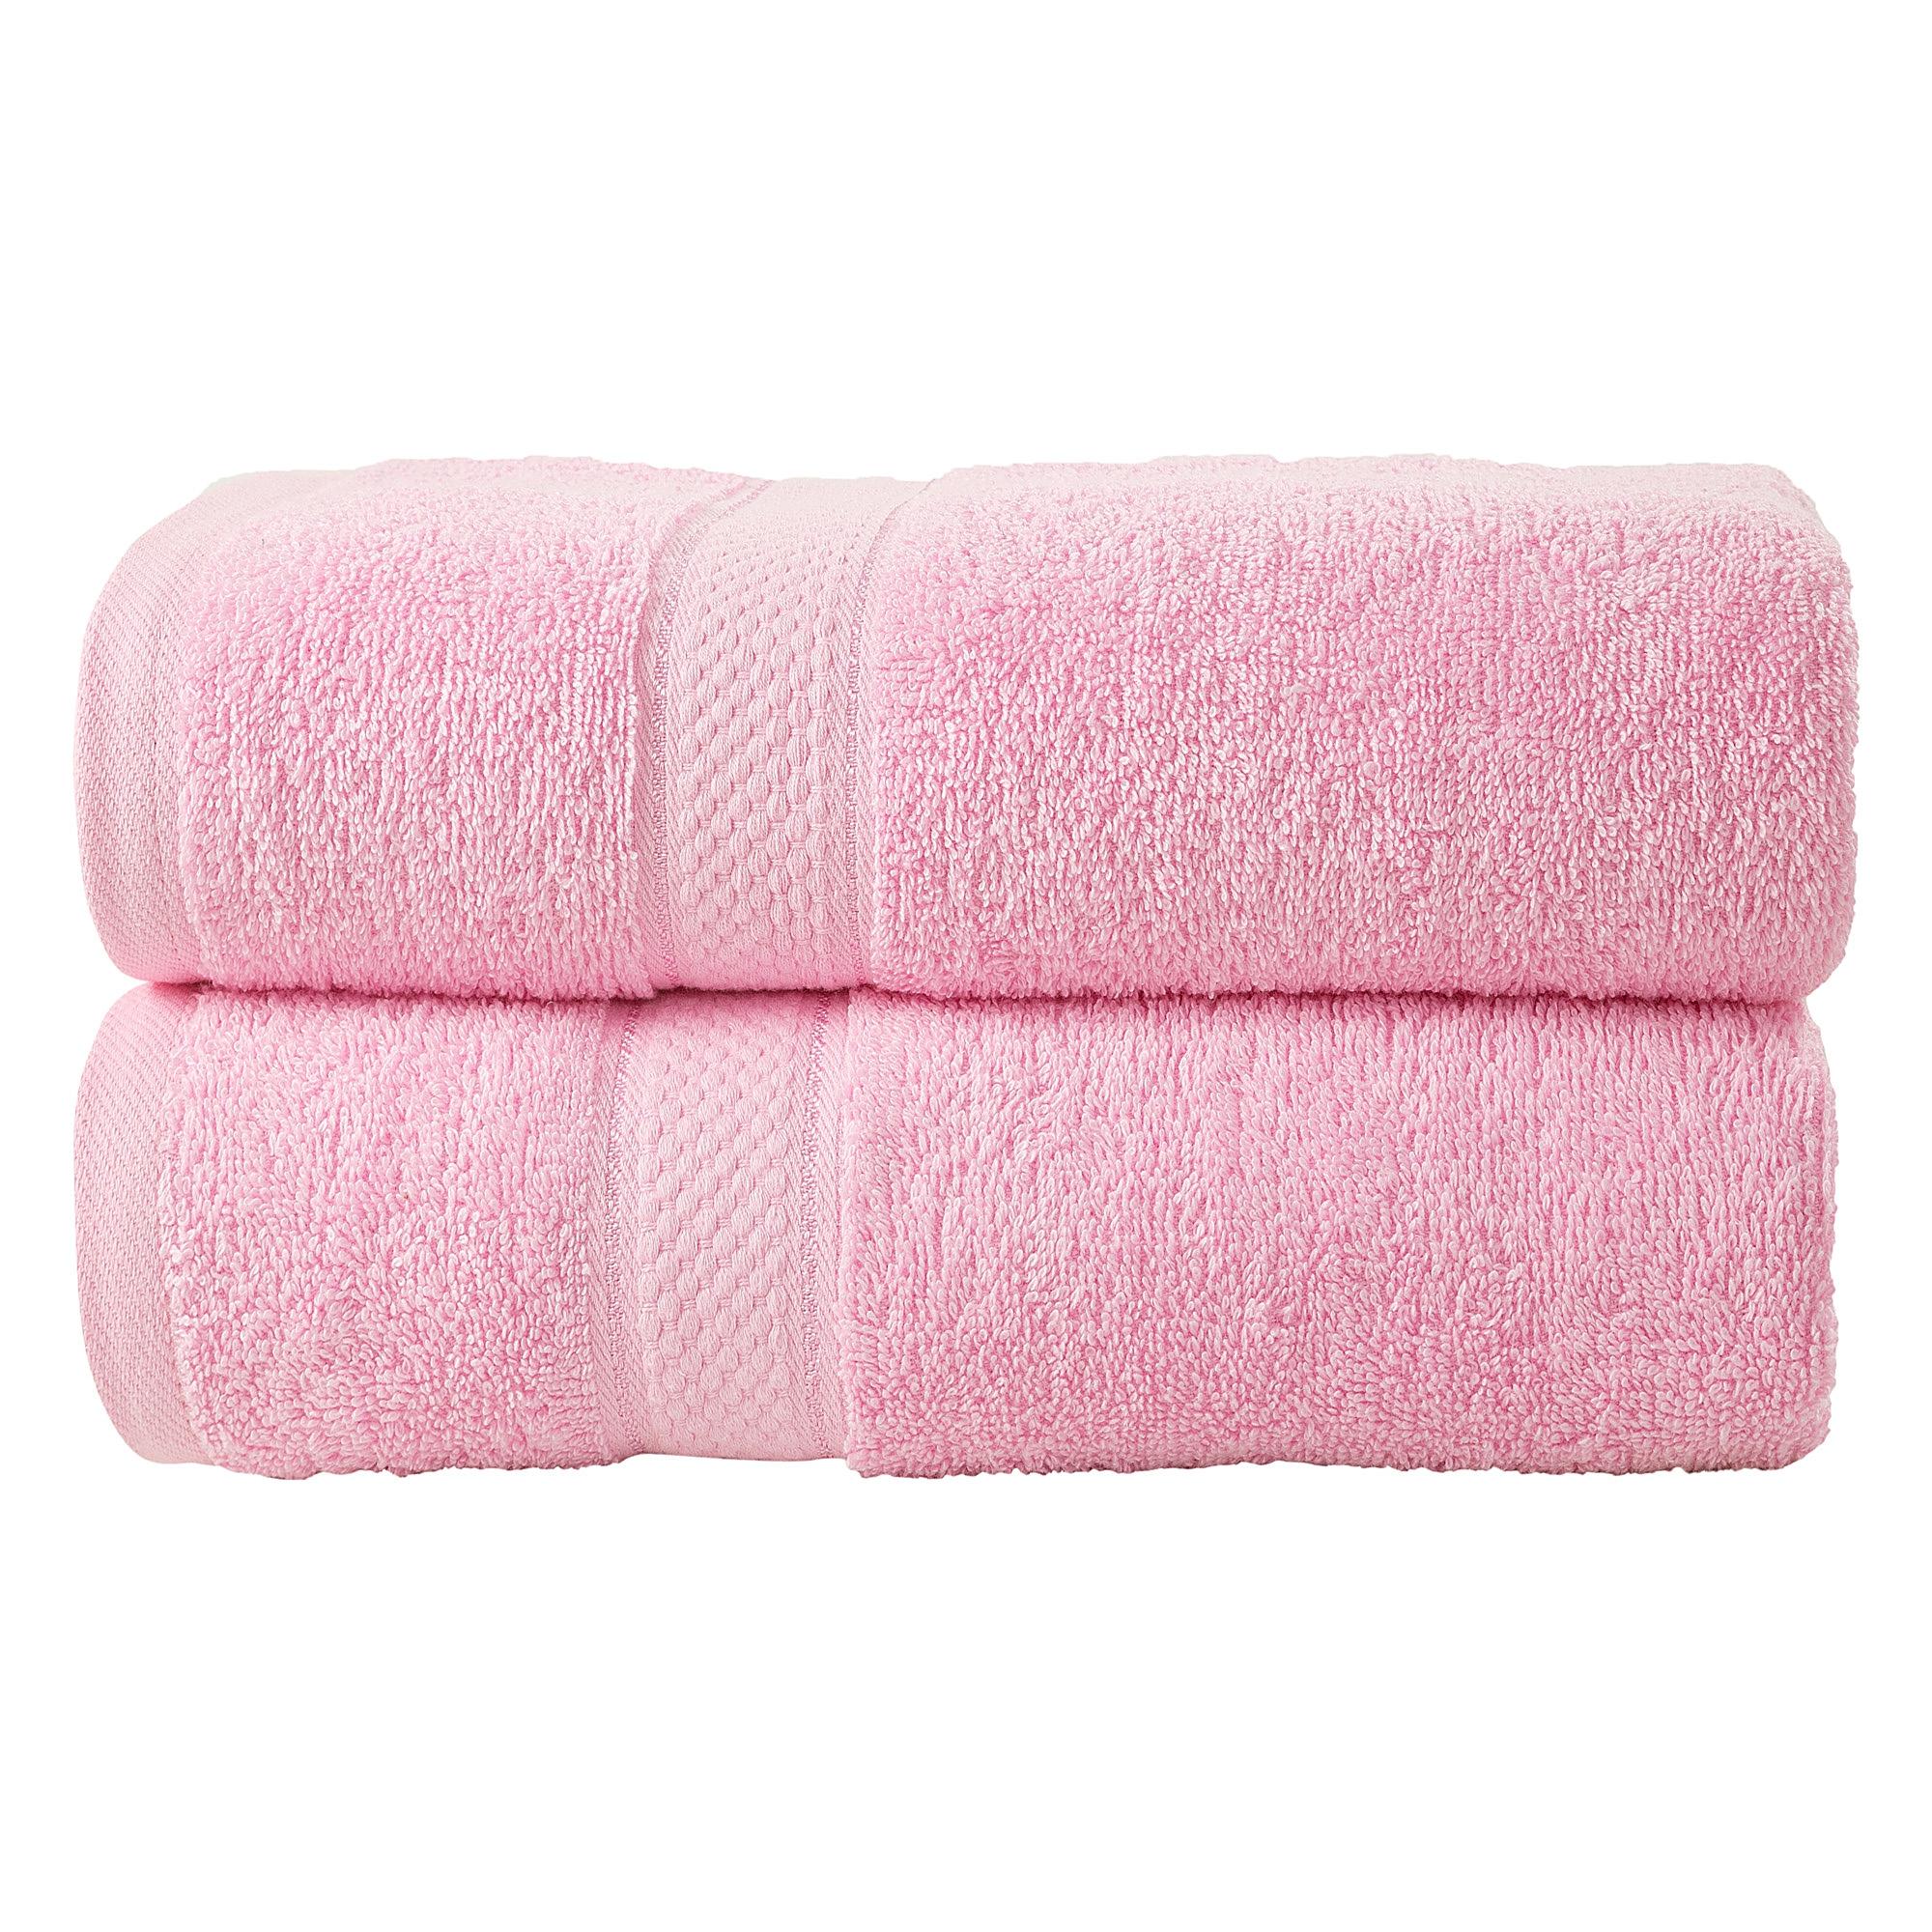 2 Pcs Bath Cotton Towel Bale Set Blush Pink Plain